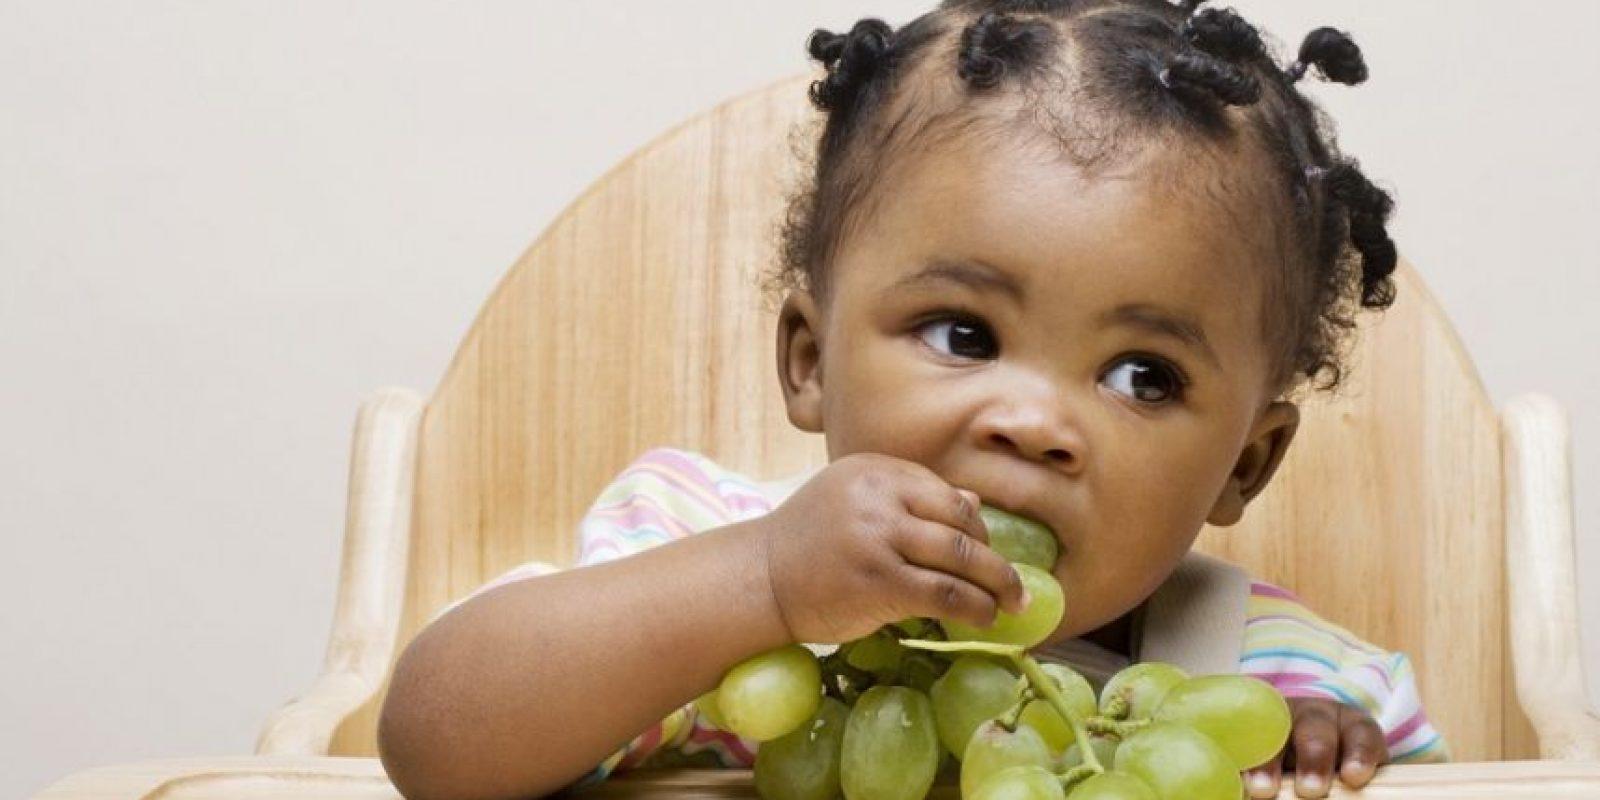 Comer 12 uvas es una de las tradiciones más populares en fin de año. Foto:Fuente Externa